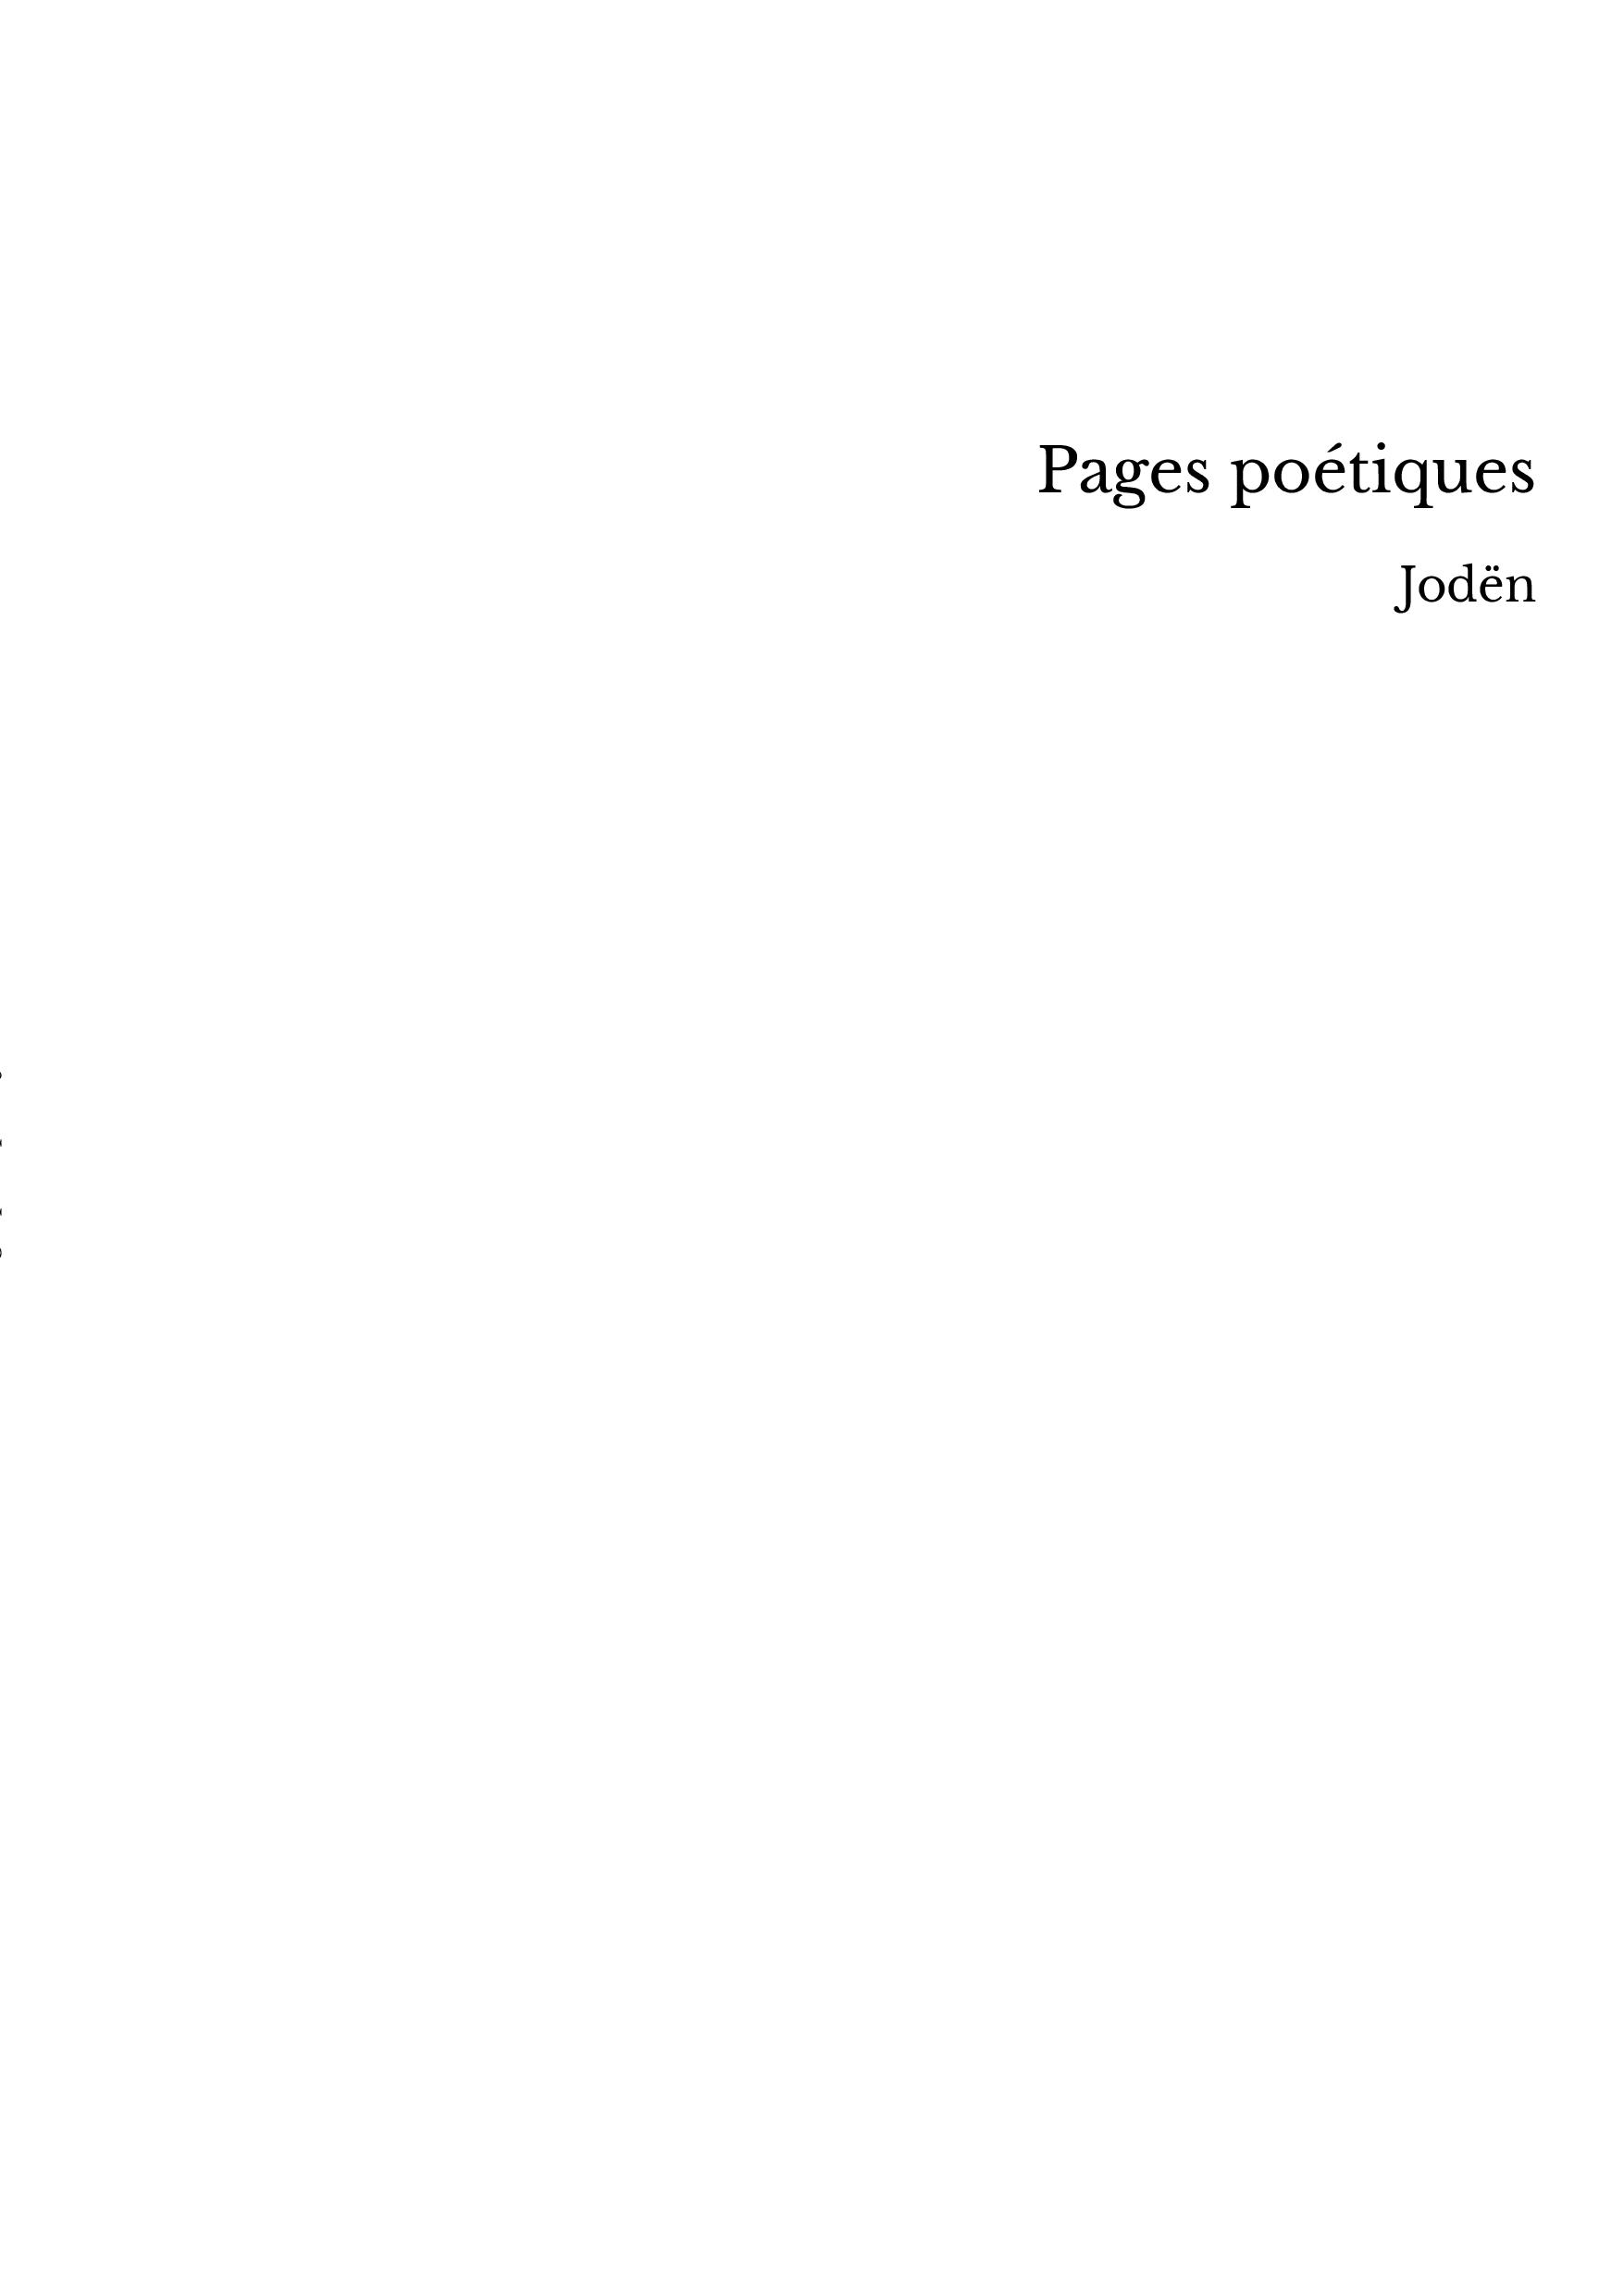 Pages poétiques